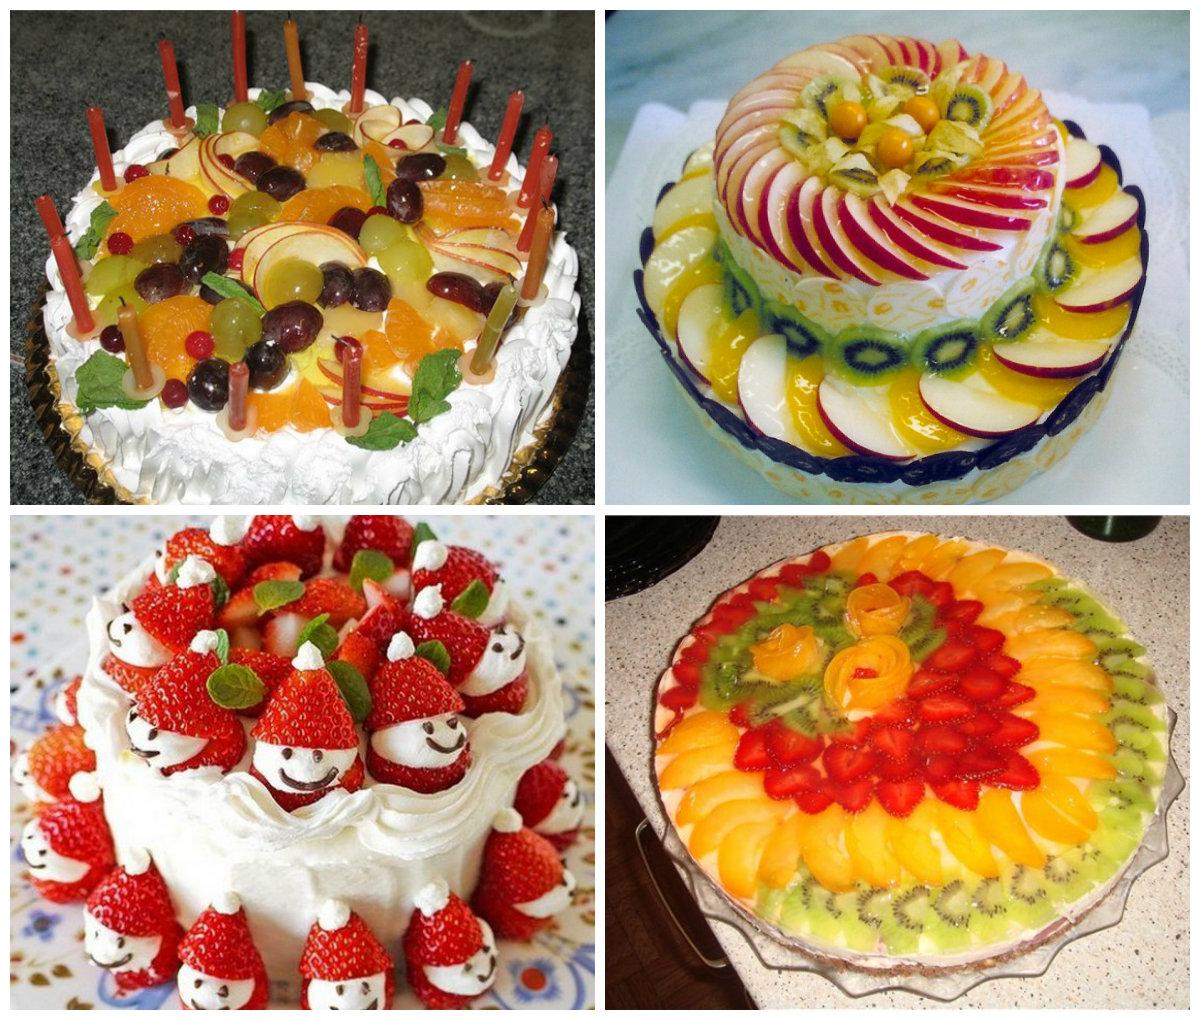 Украсить торт фруктами и ягодами своими руками фото 78